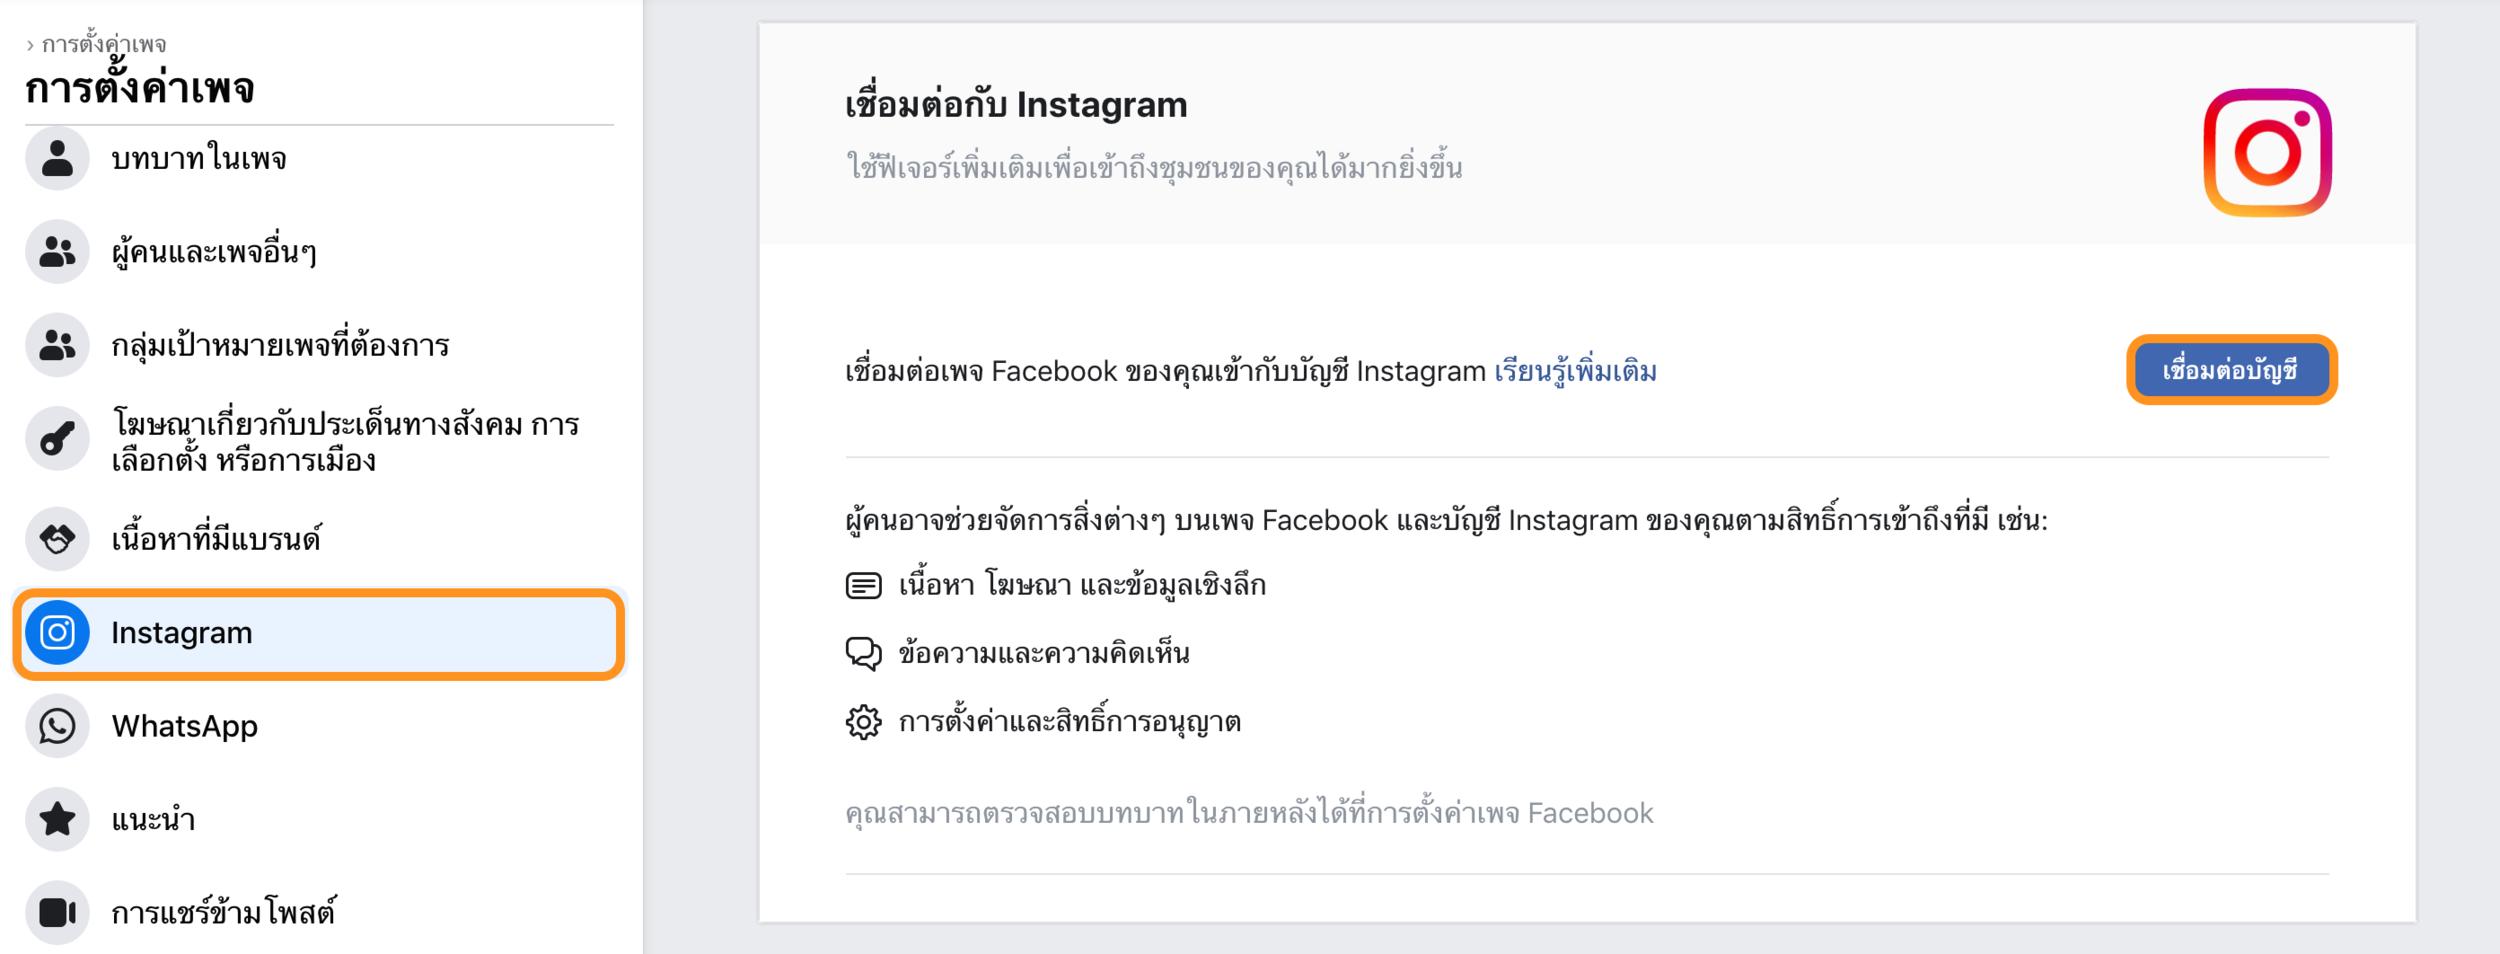 ขั้นตอนสร้างเพจ Facebook-เชื่อมต่อ IG ร้านค้า.png